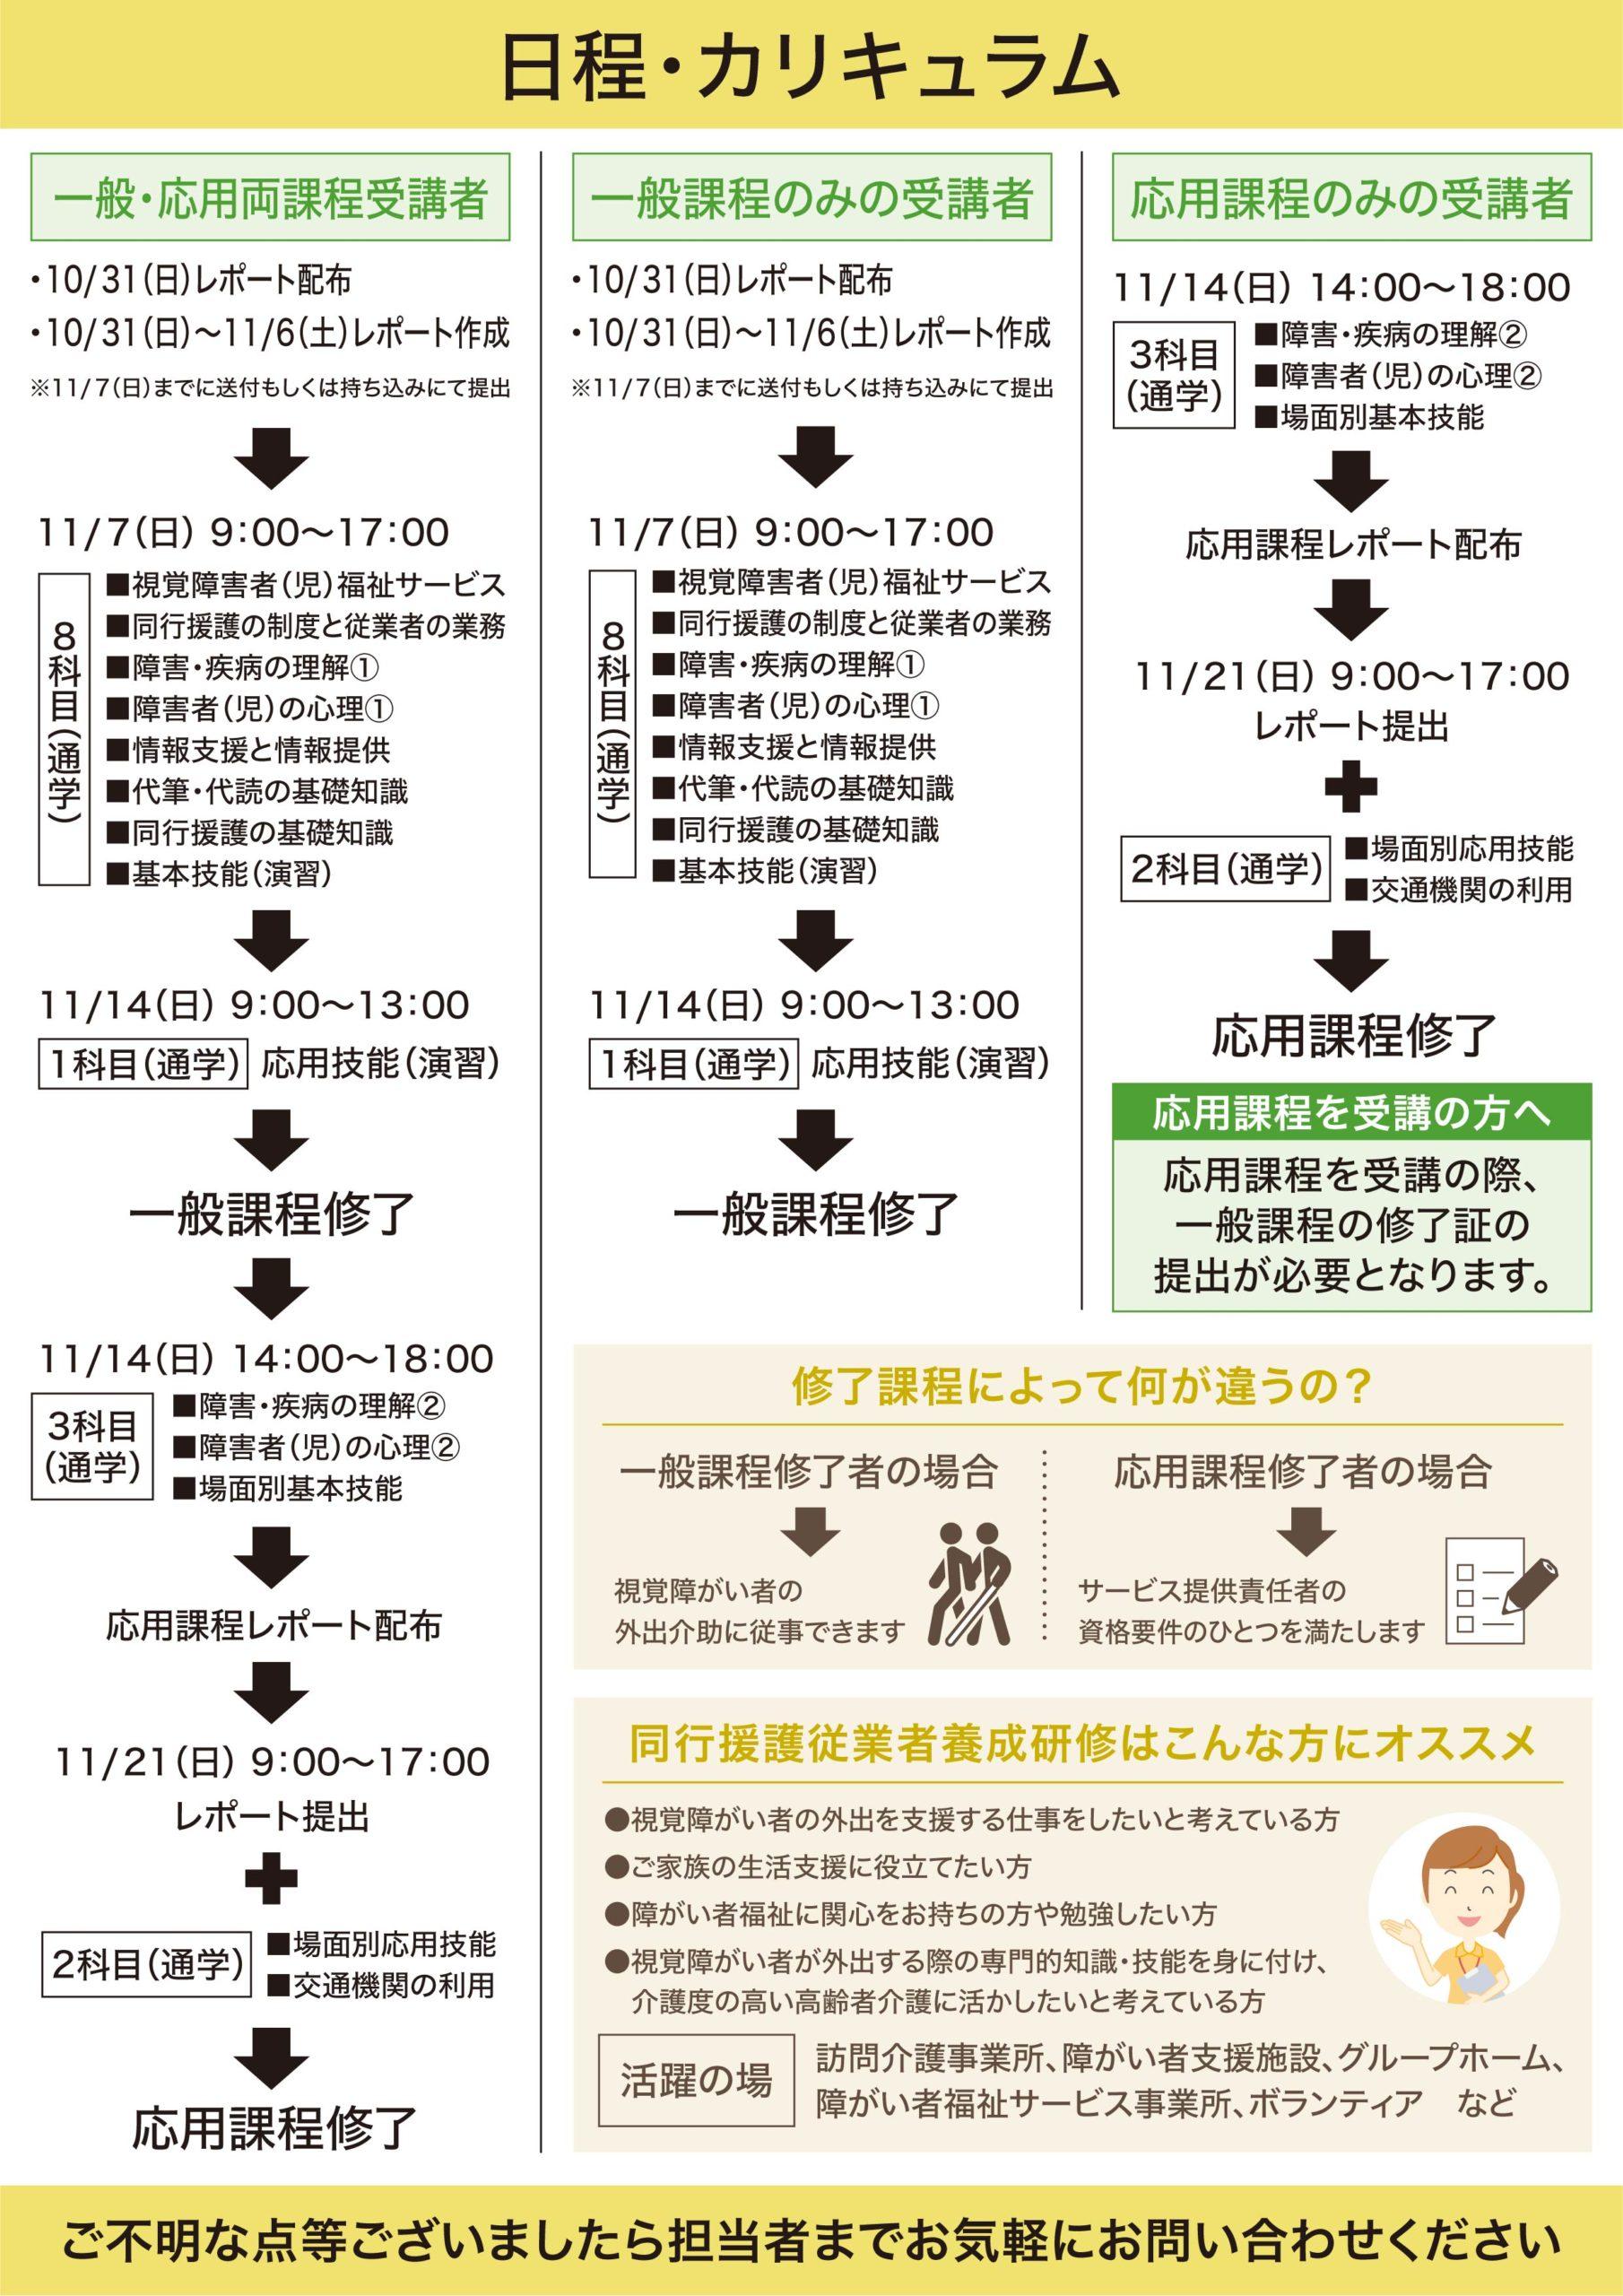 同行援護研修チラシ(2021-11)-裏